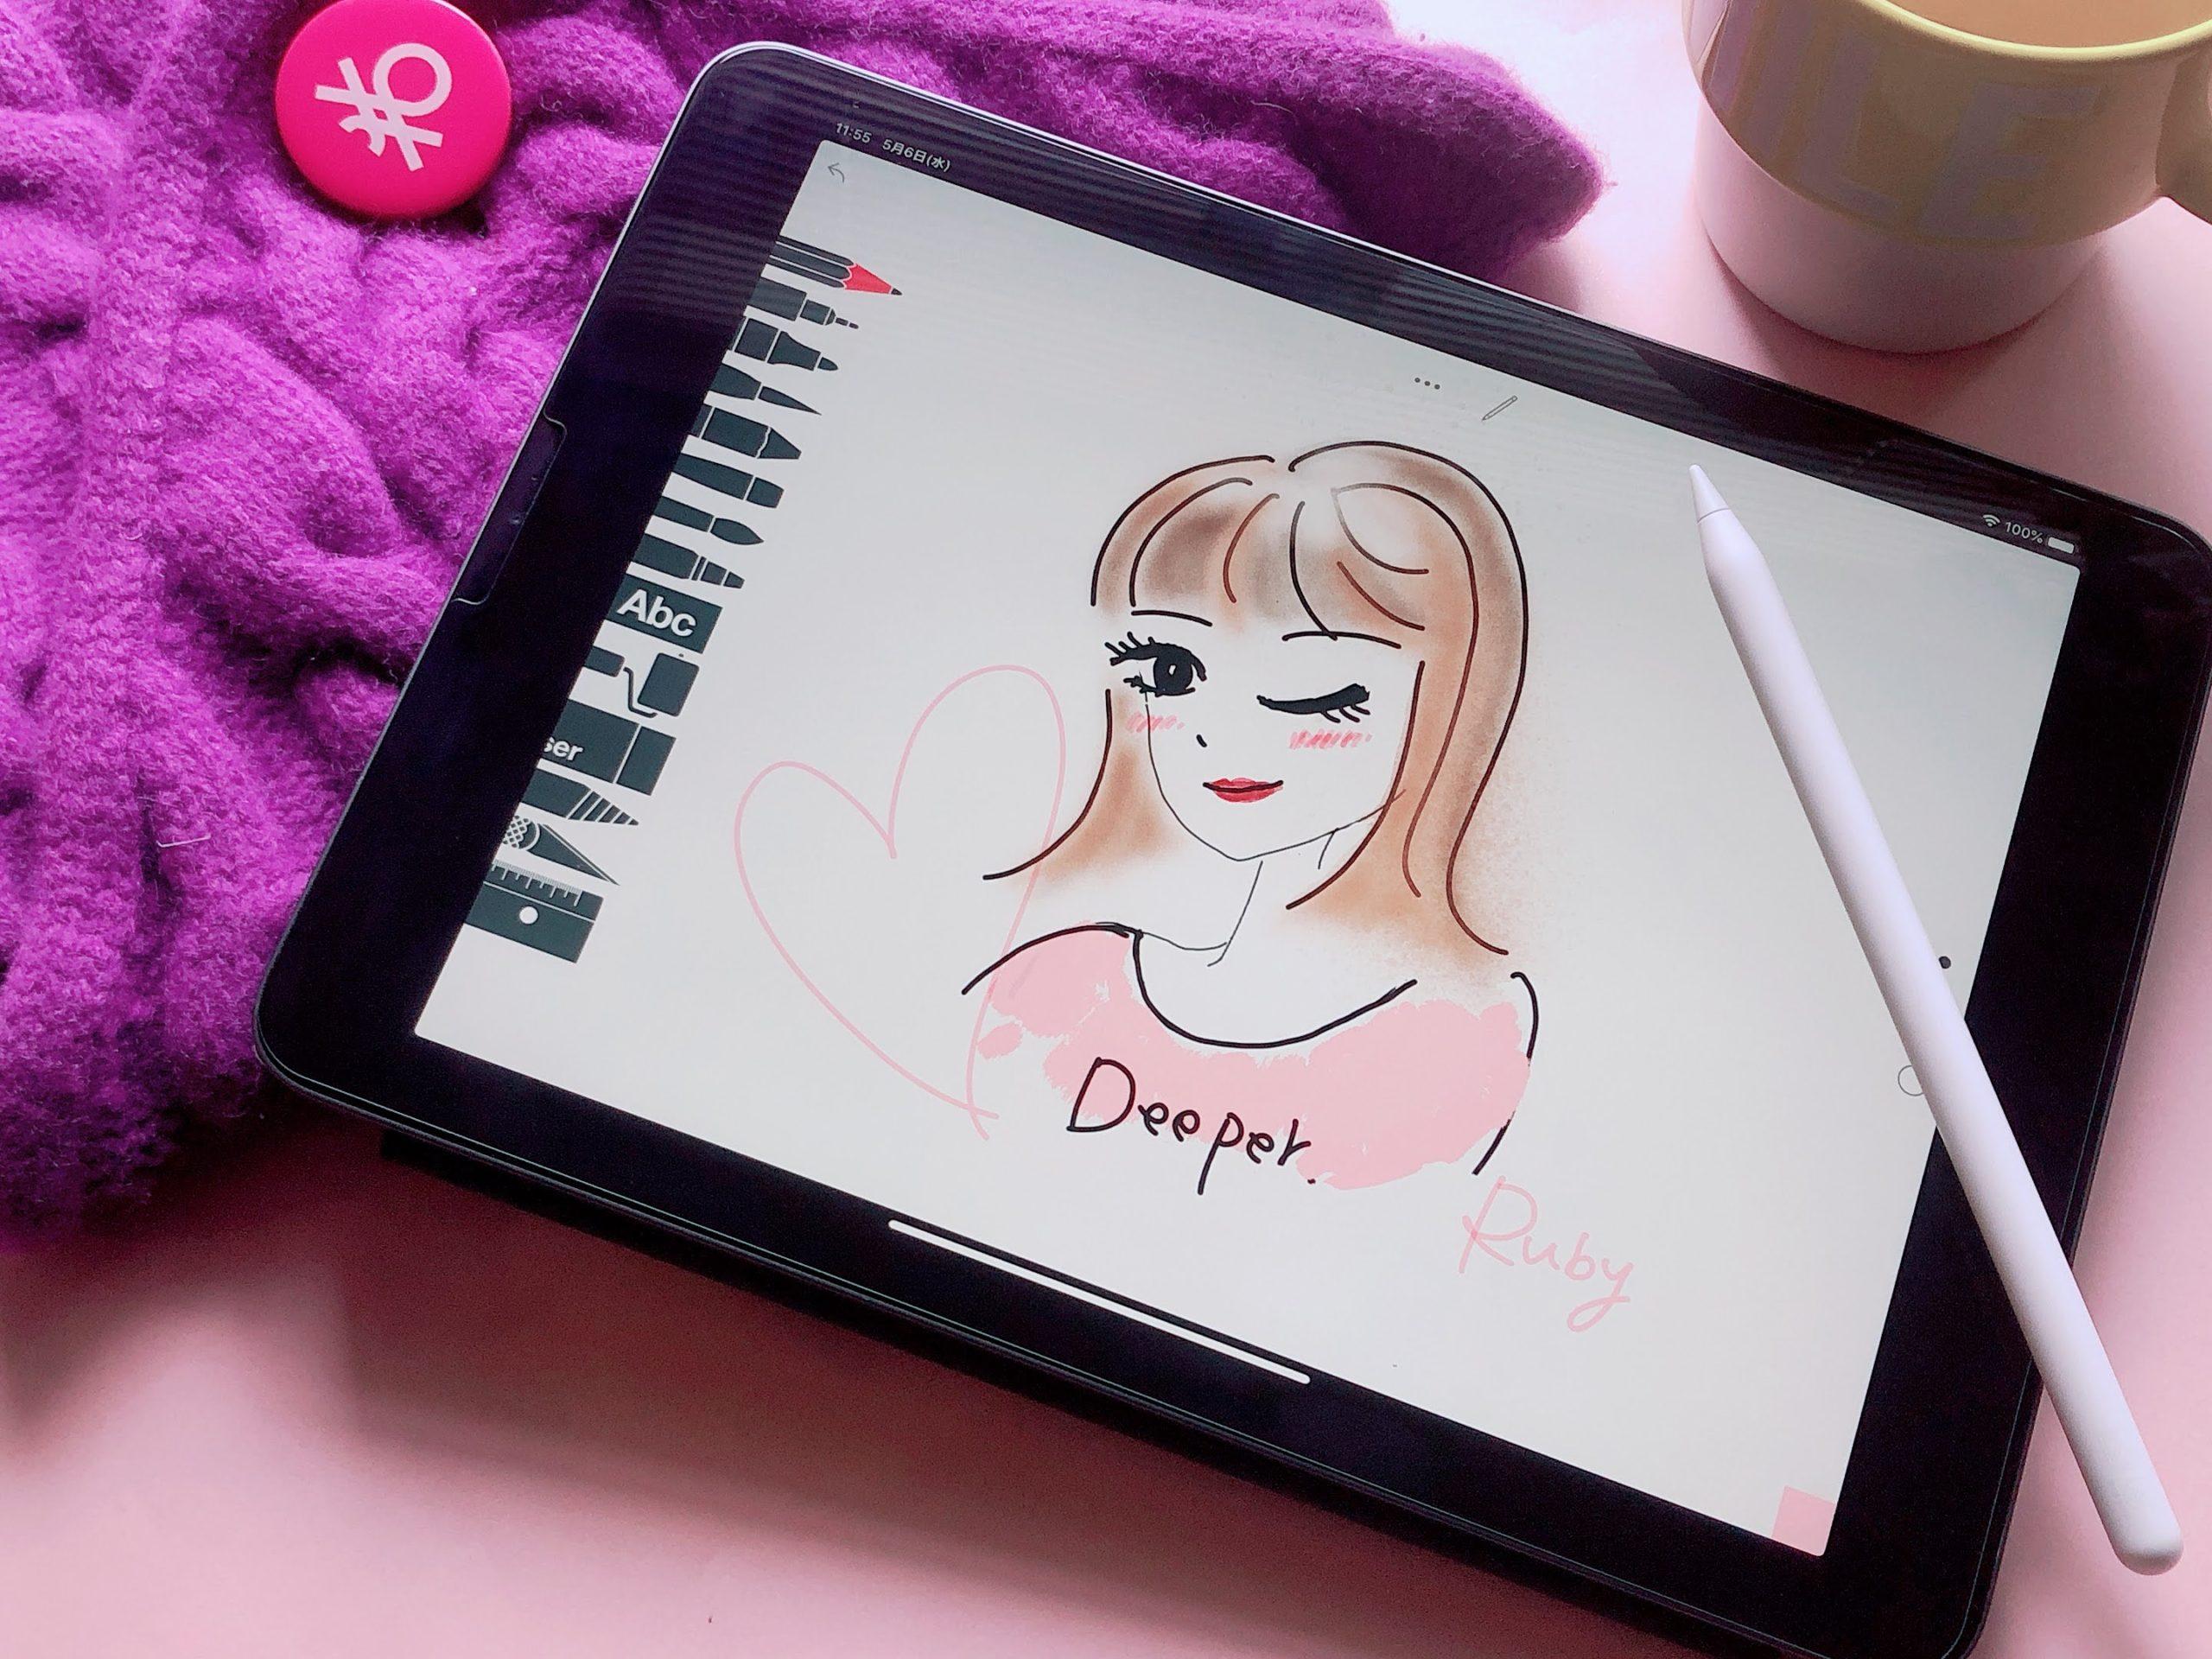 右脳のアウトプット!新しい道が拓けるかも♡iPad Pro 11インチとTayasui Sketches School で充実の#Stay at Home